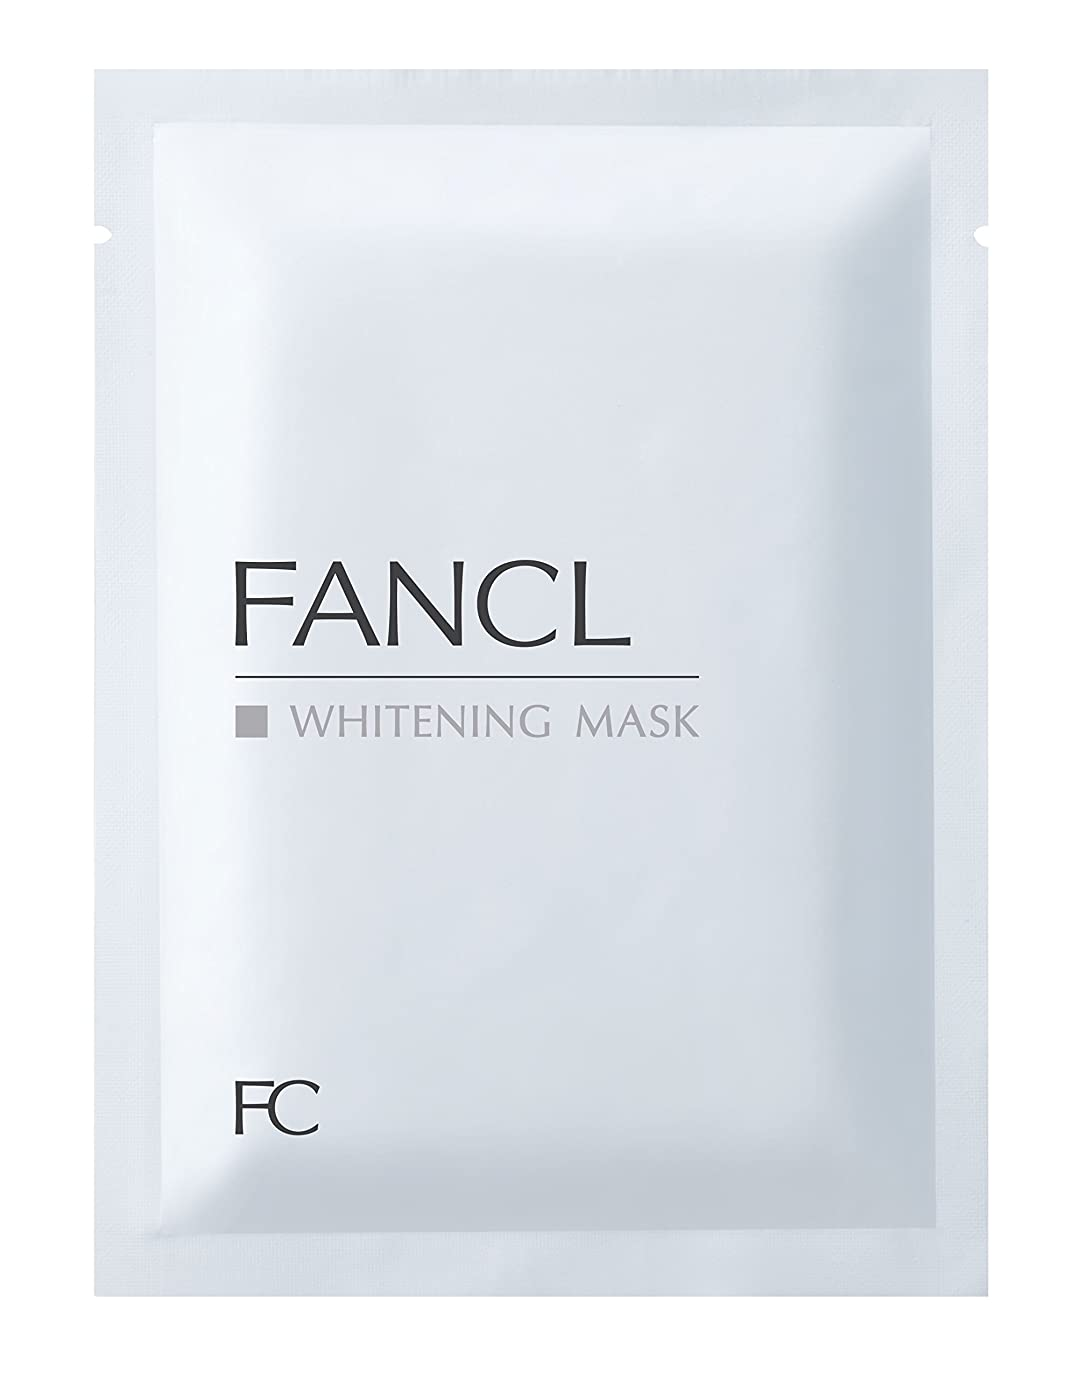 二層派手言い直す(旧)ファンケル(FANCL) ホワイトニング マスク<医薬部外品> 21mL×6枚